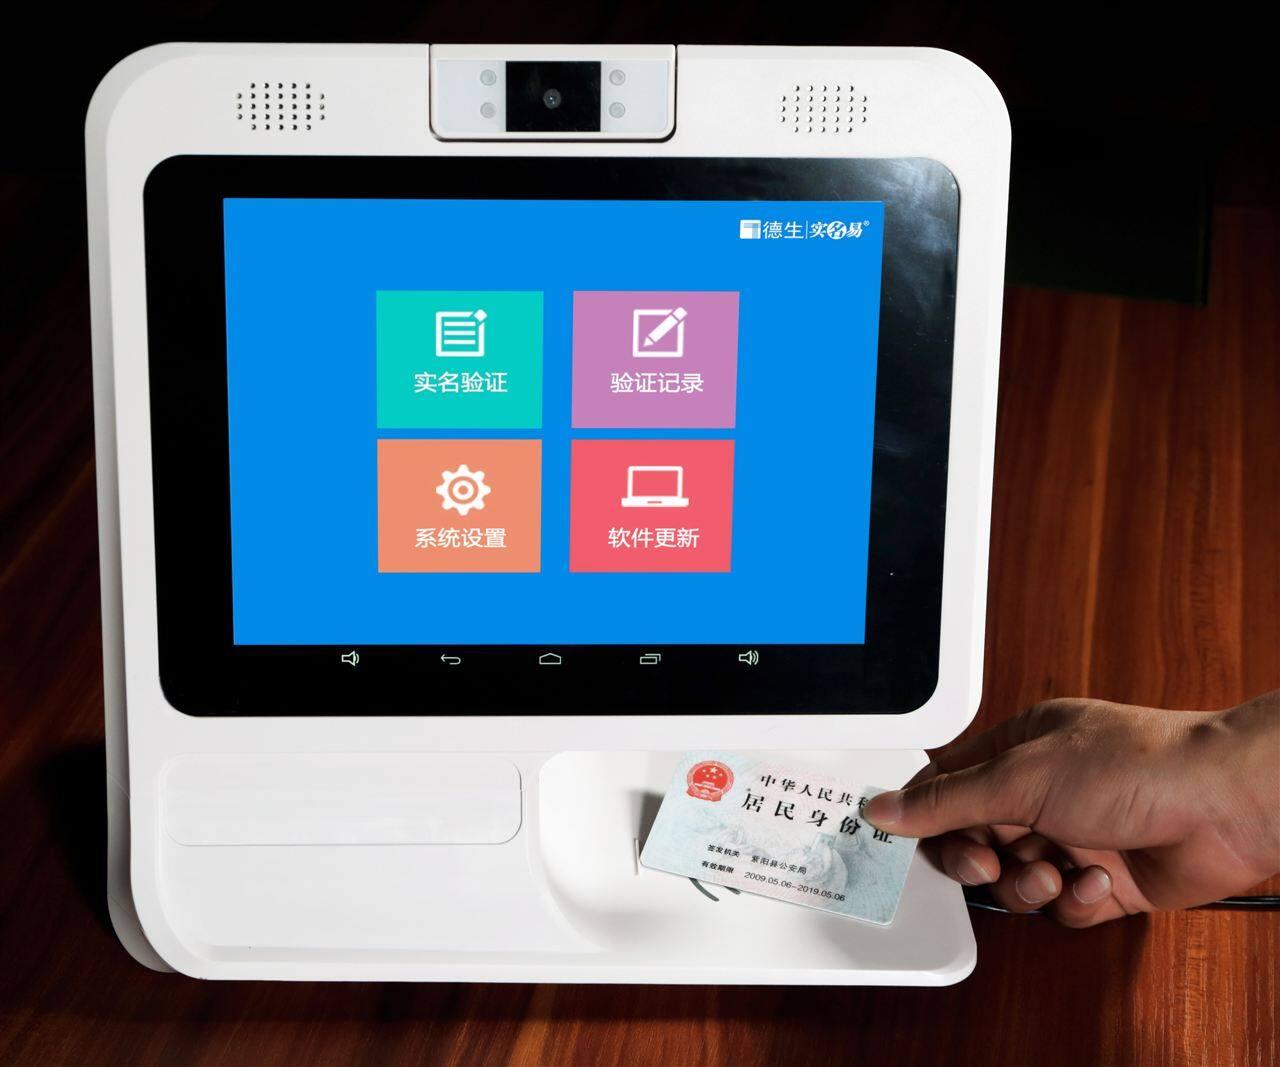 峰会人脸识别系统 酒店前台接待身份证人脸验证一体机TSV-R2